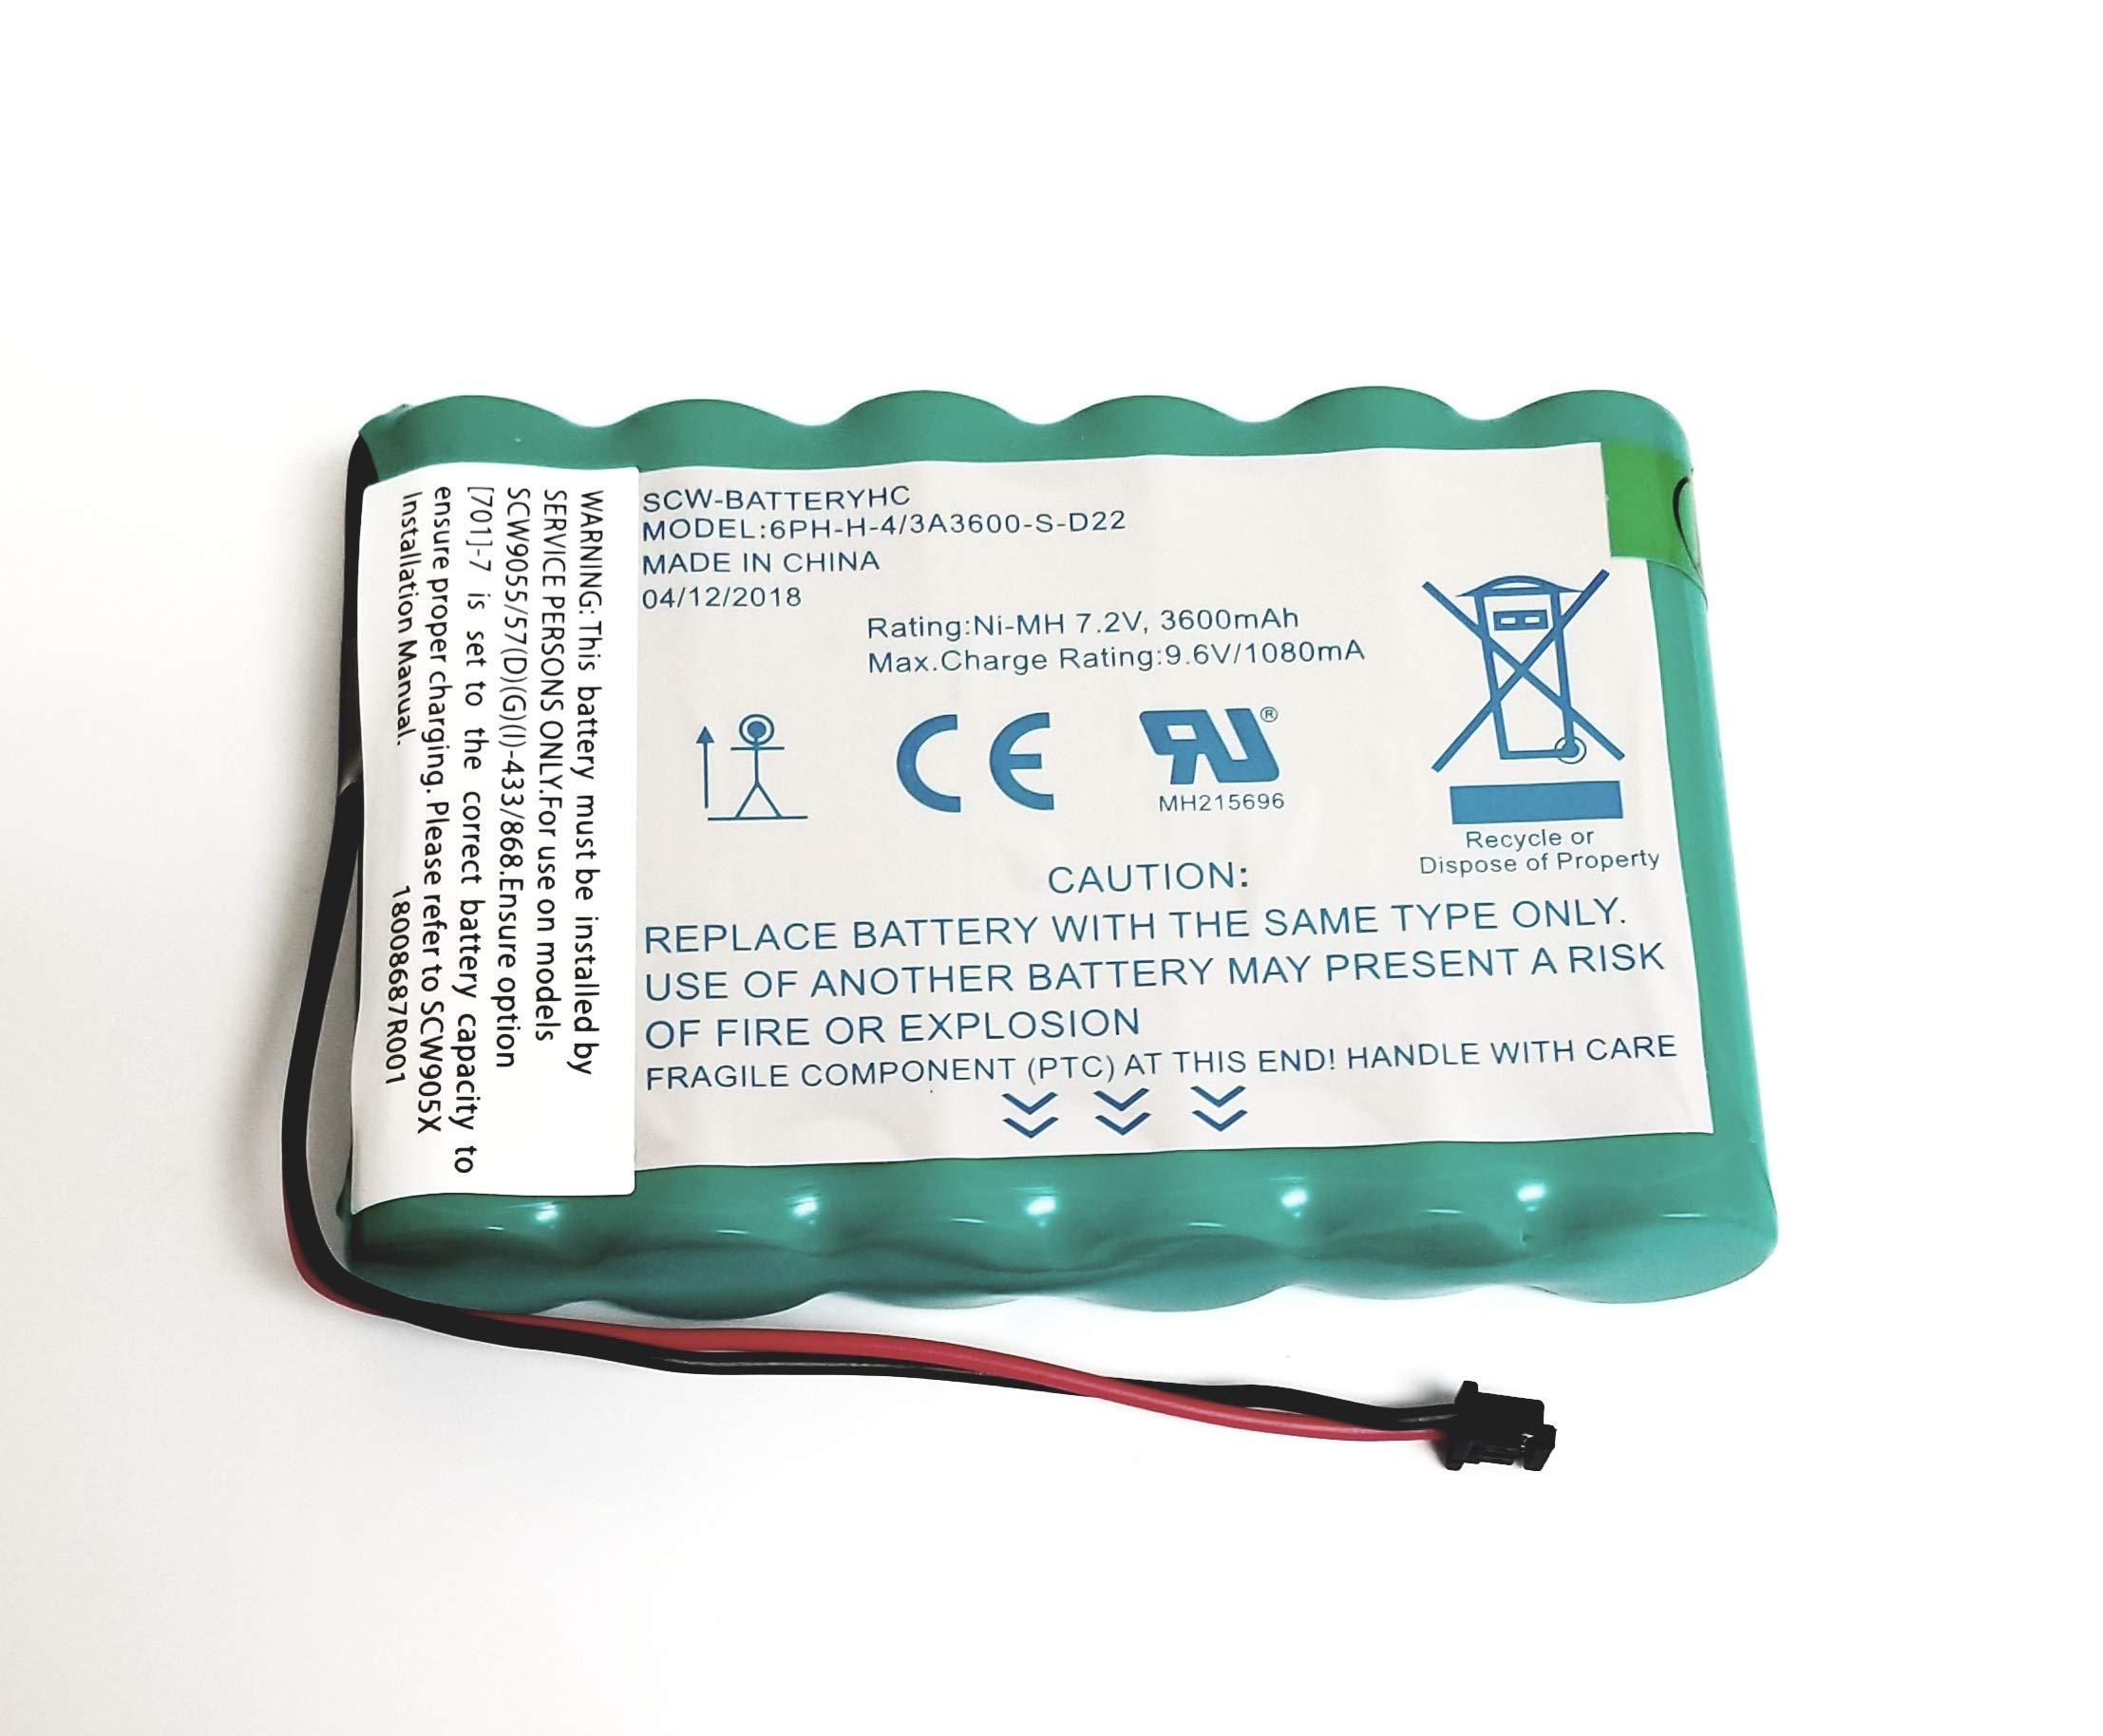 Brand New DSC IMPASSA 9057 Battery 6PH-H-4/3A3600-S-D22 7.2 V 3600mAh, 2017